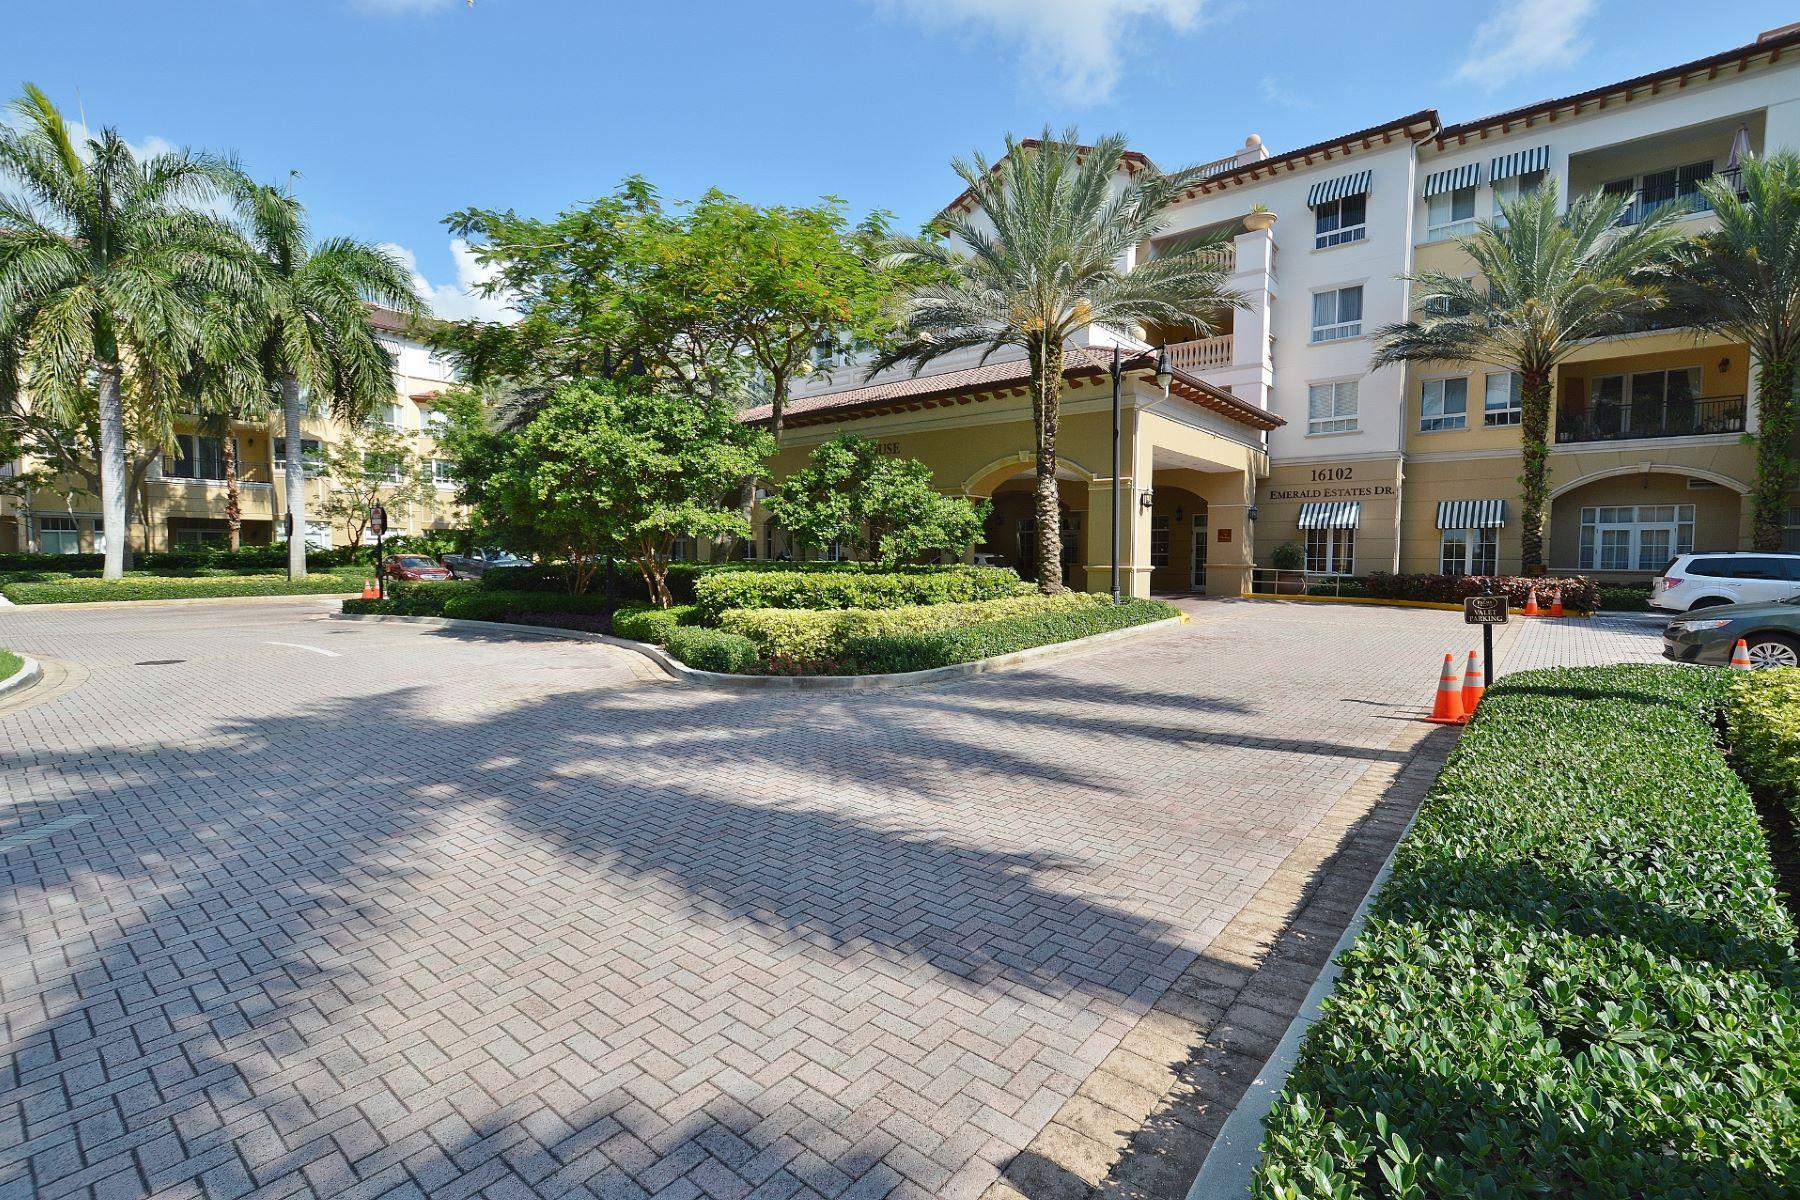 コンドミニアム のために 売買 アット 16102 Emerald Estates Dr. # 402 Weston, フロリダ, 33331 アメリカ合衆国